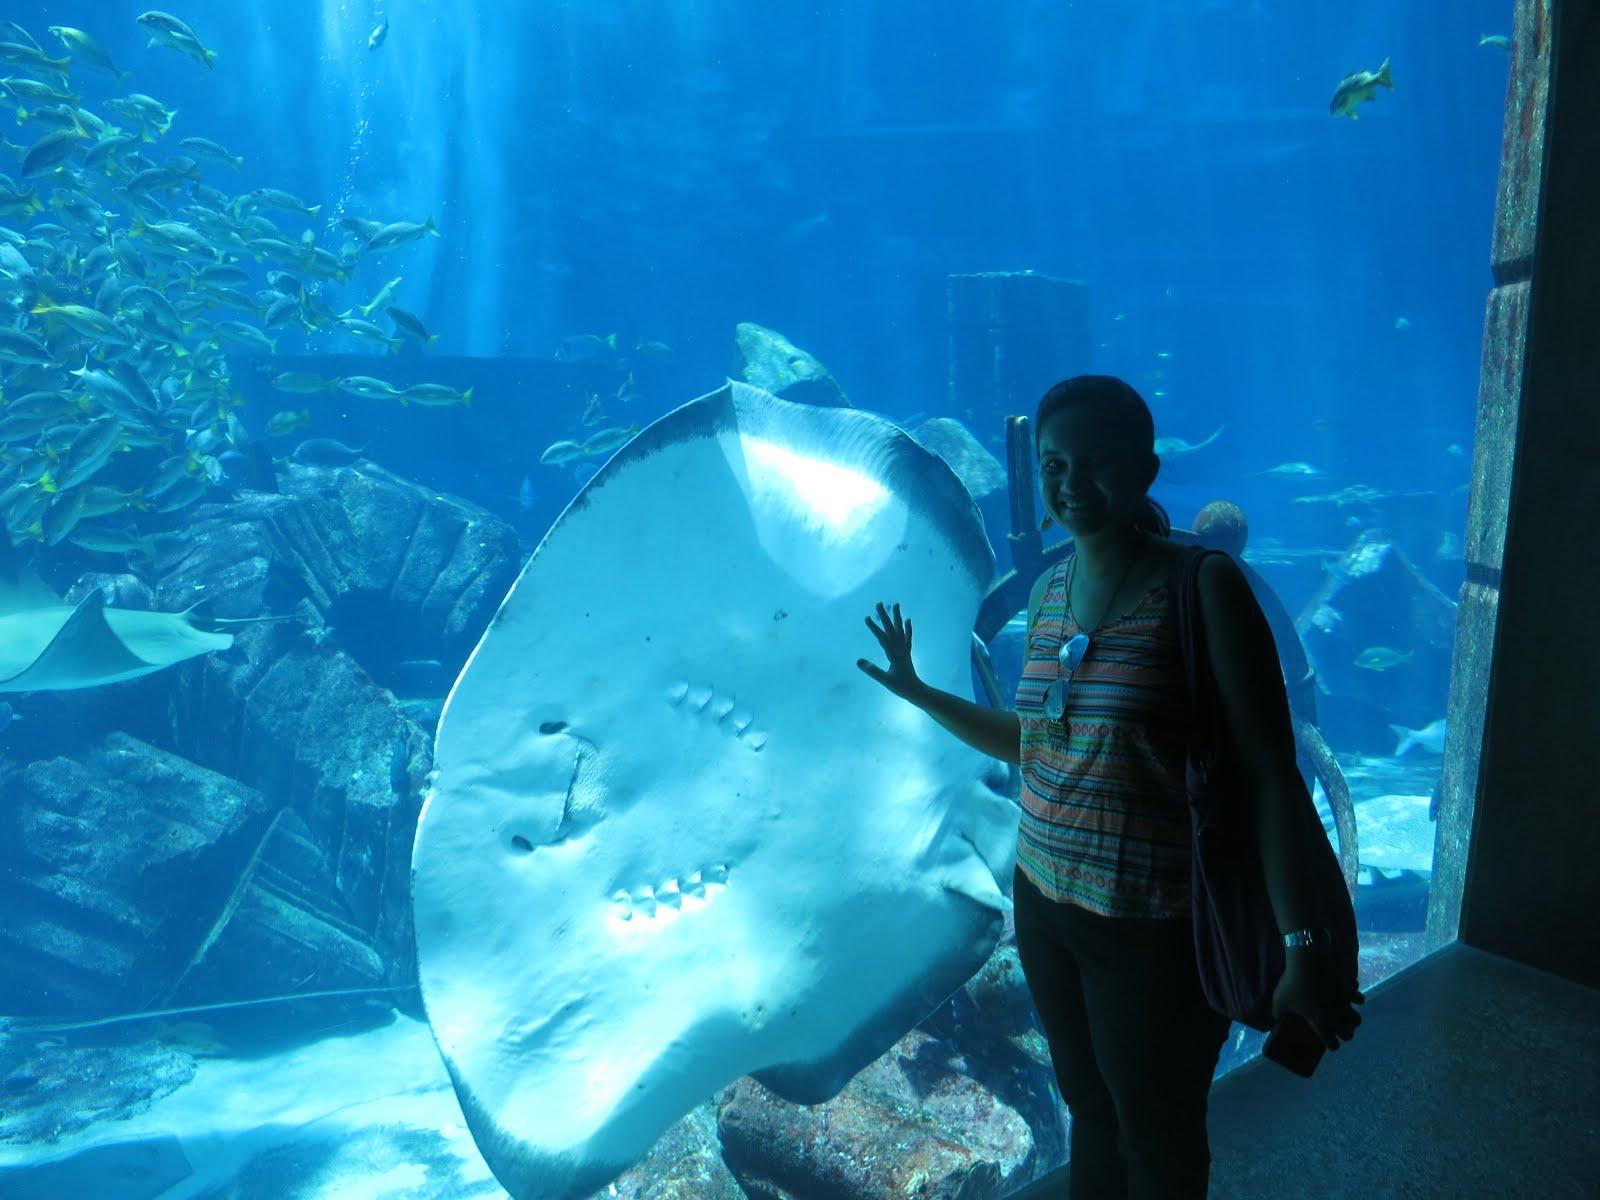 Fish aquarium in umm al quwain - All A Regular Traveller Can Afford At This Hotel Is The Amazing Aquarium The Lost Chambers Aquarium Ticket Price Per Person 125 Dirham